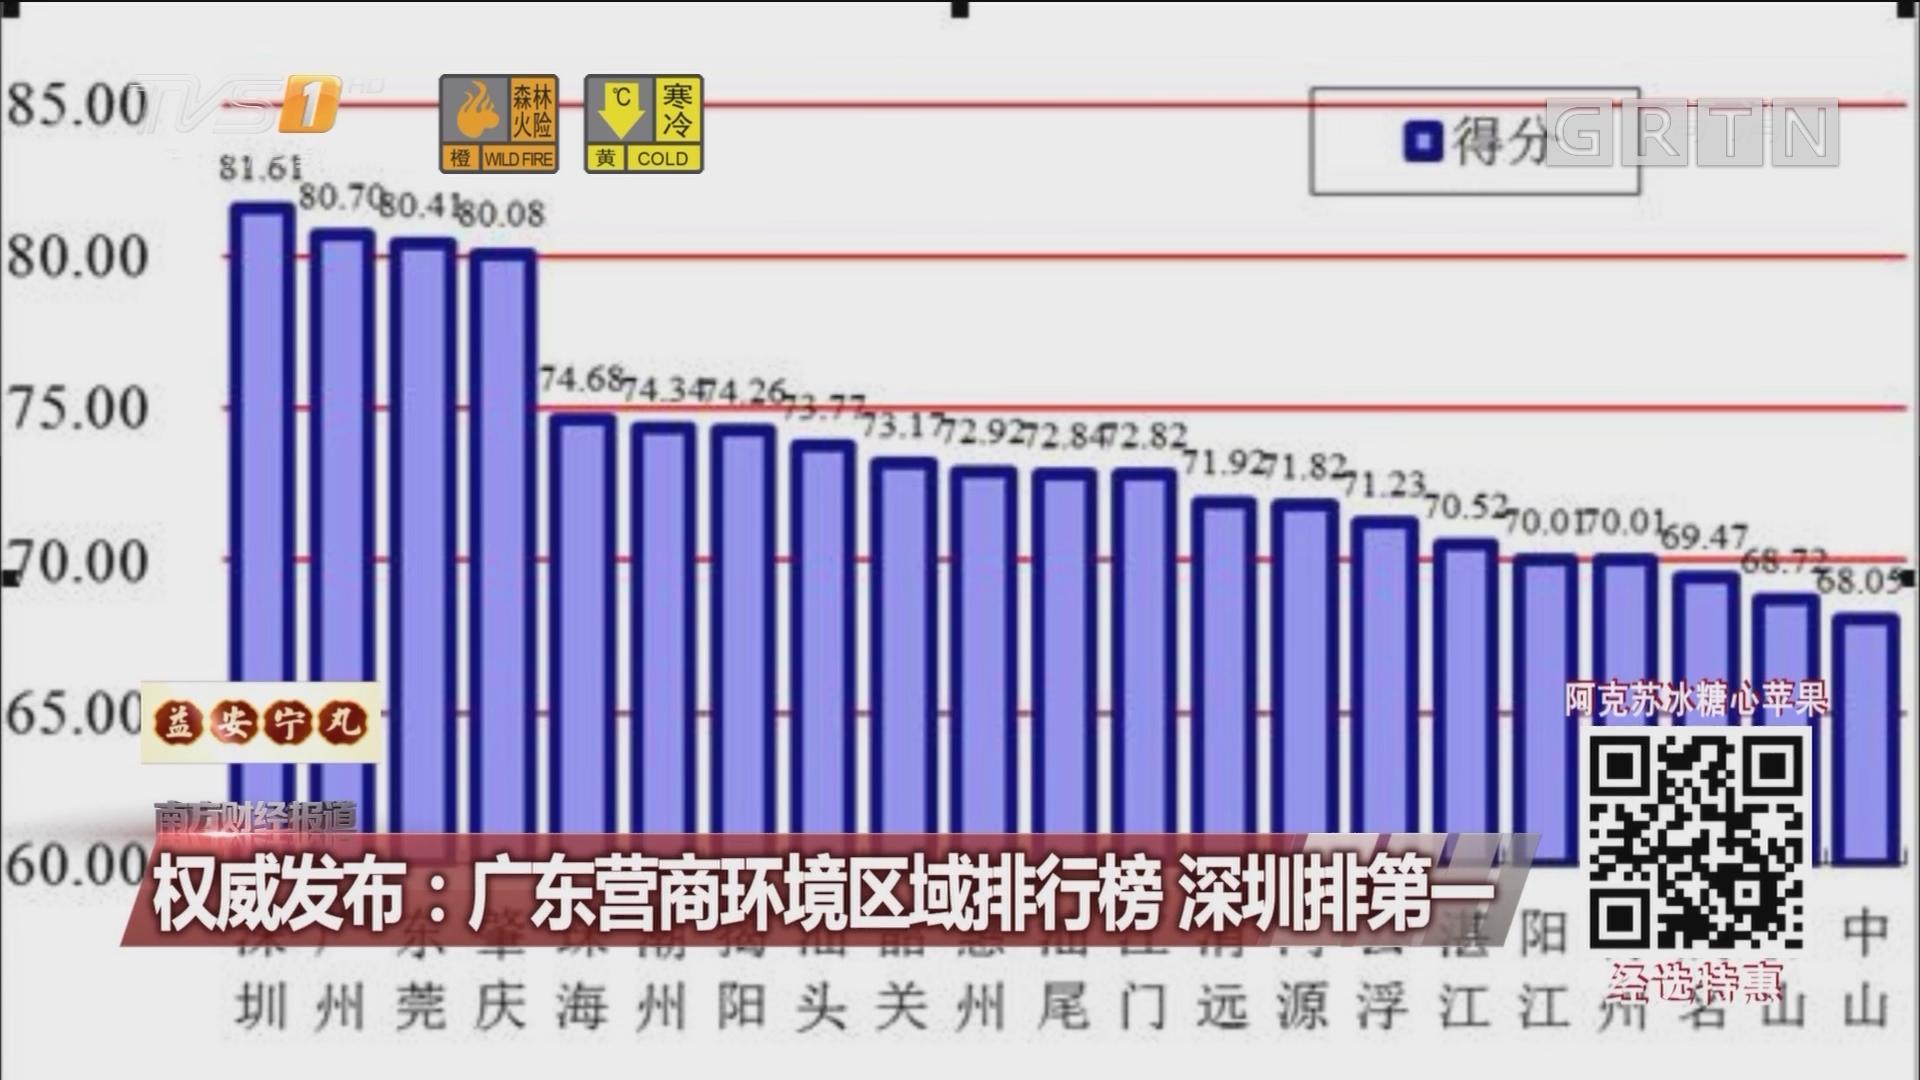 权威发布:广东营商环境区域排行榜 深圳排第一